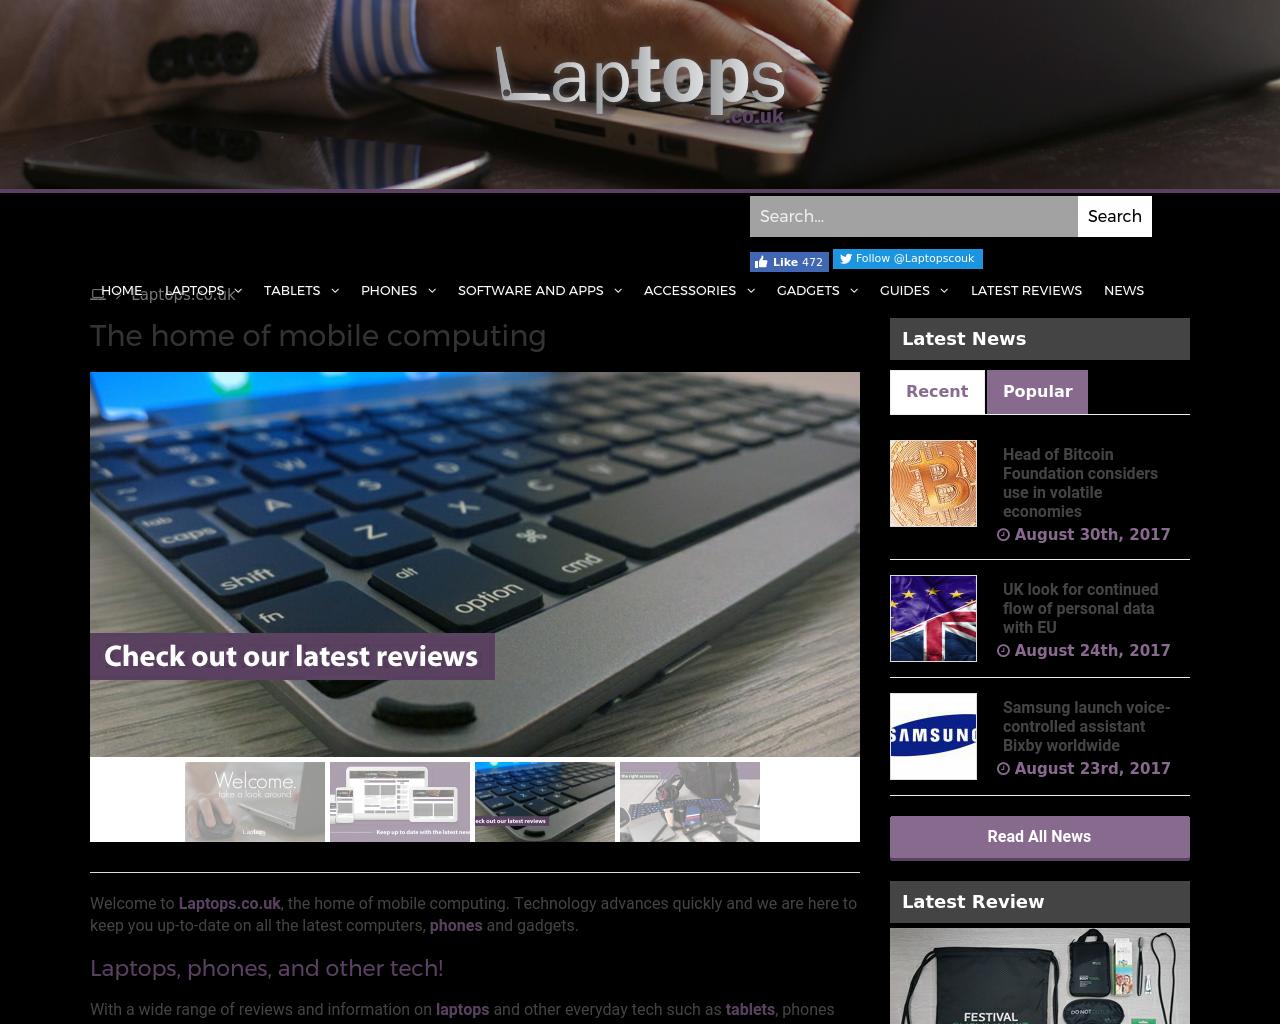 Laptops-UK-Advertising-Reviews-Pricing